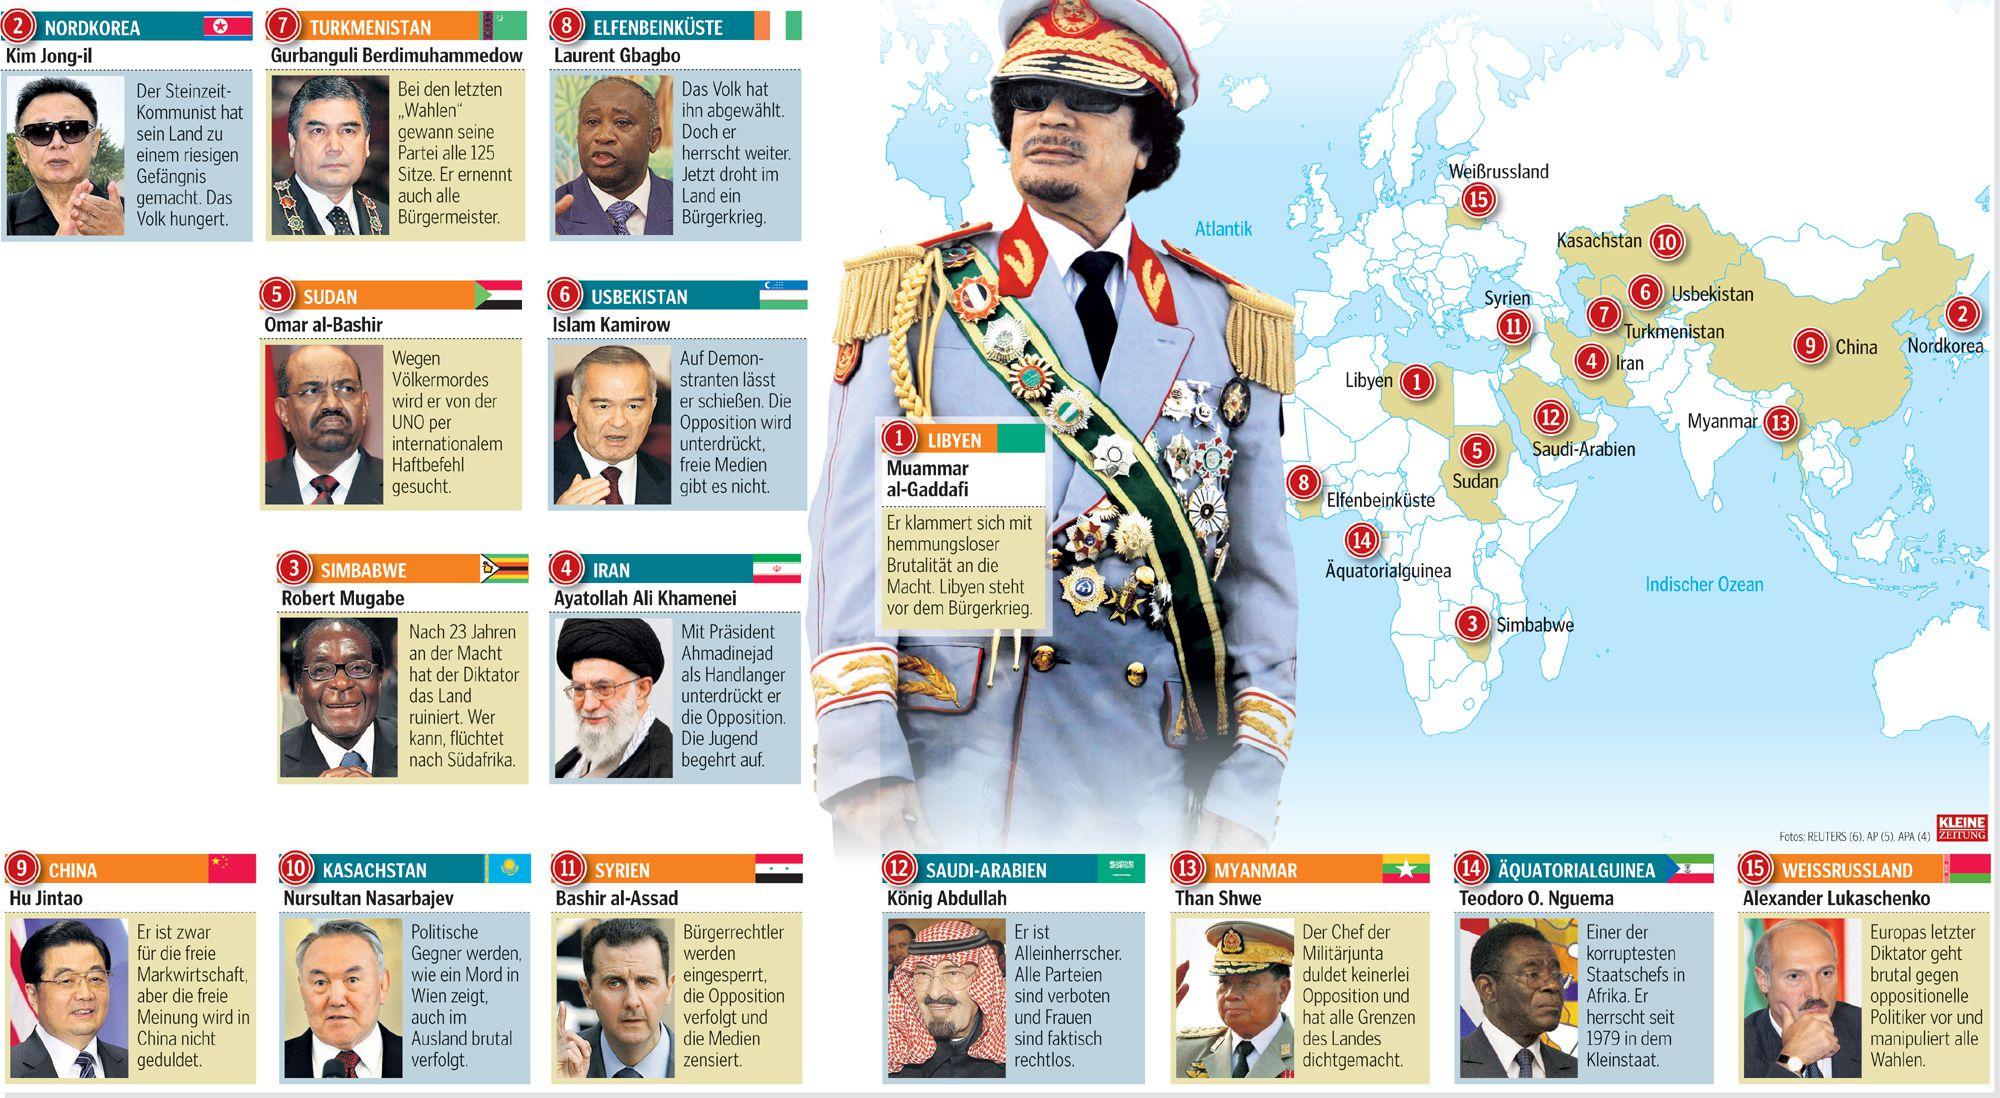 http://www.kleinezeitung.at/images/uploads/3/a/4/4236196/2011-03-05-Diktatoren-graf2.jpg